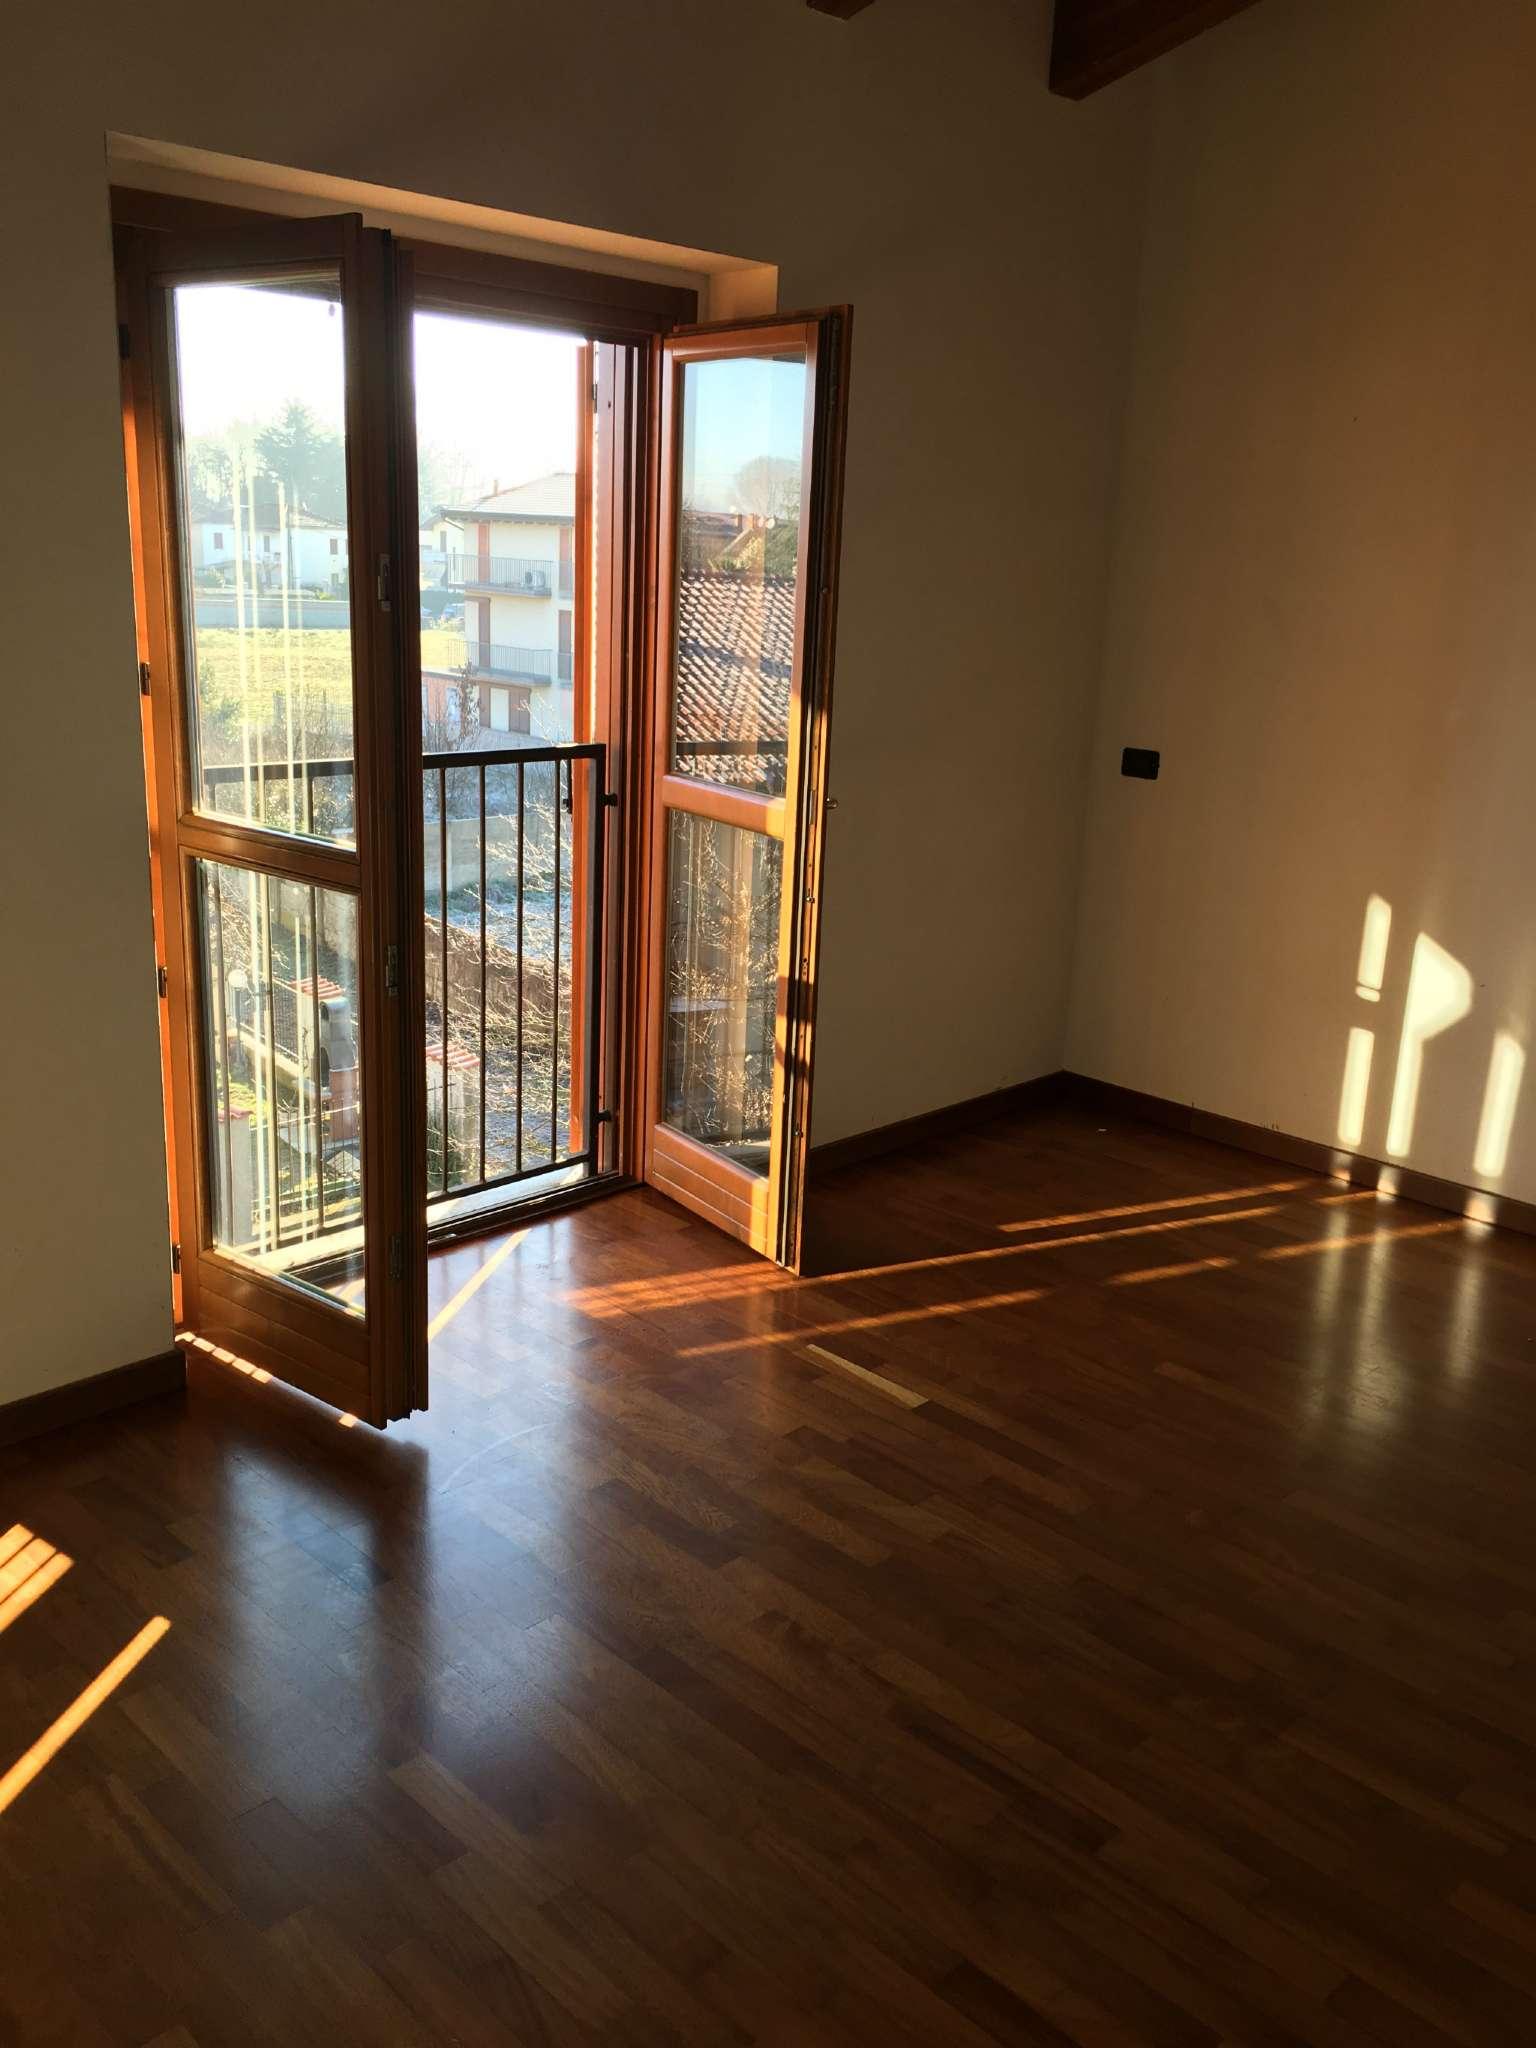 Appartamento in vendita a Corbetta, 4 locali, prezzo € 142.000 | CambioCasa.it